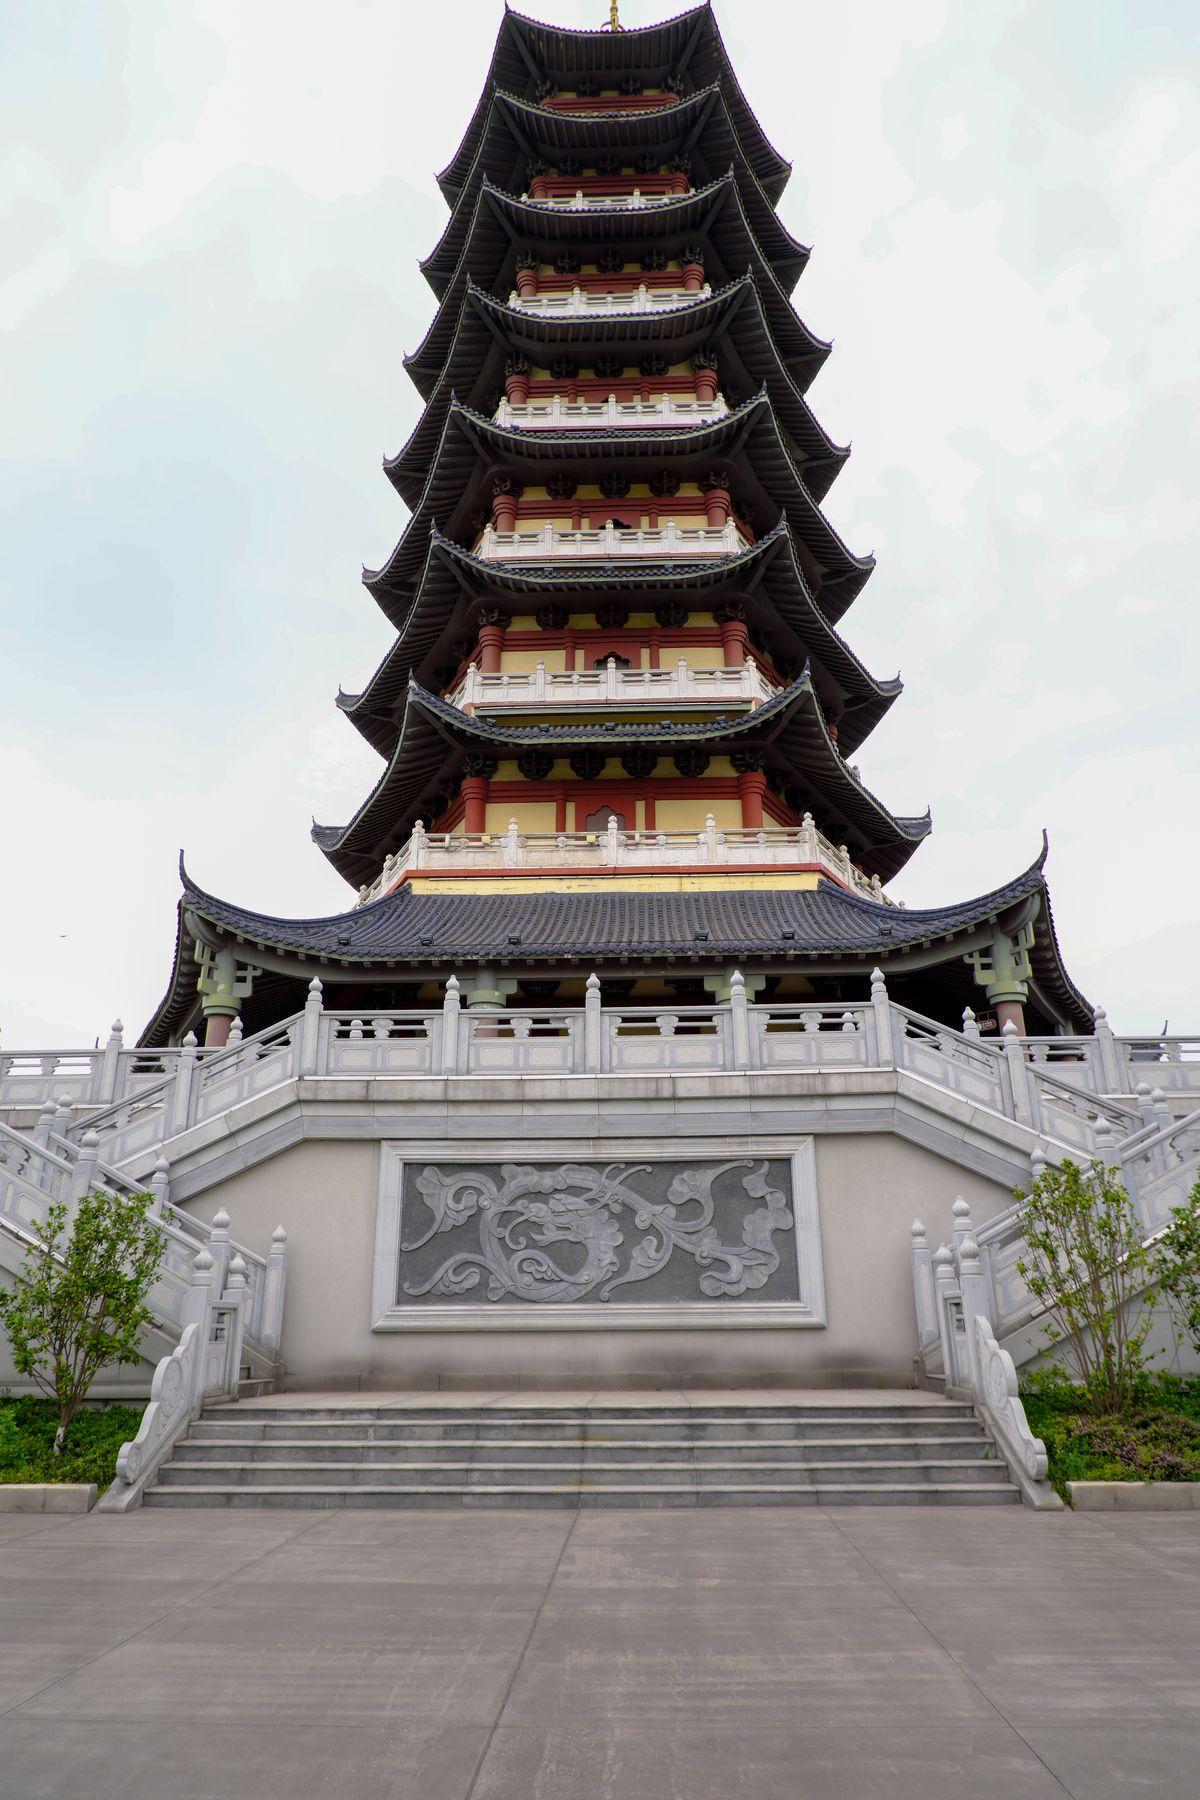 9层宝塔、中国传统风格塔类建筑背景图片下载  -  免费商用